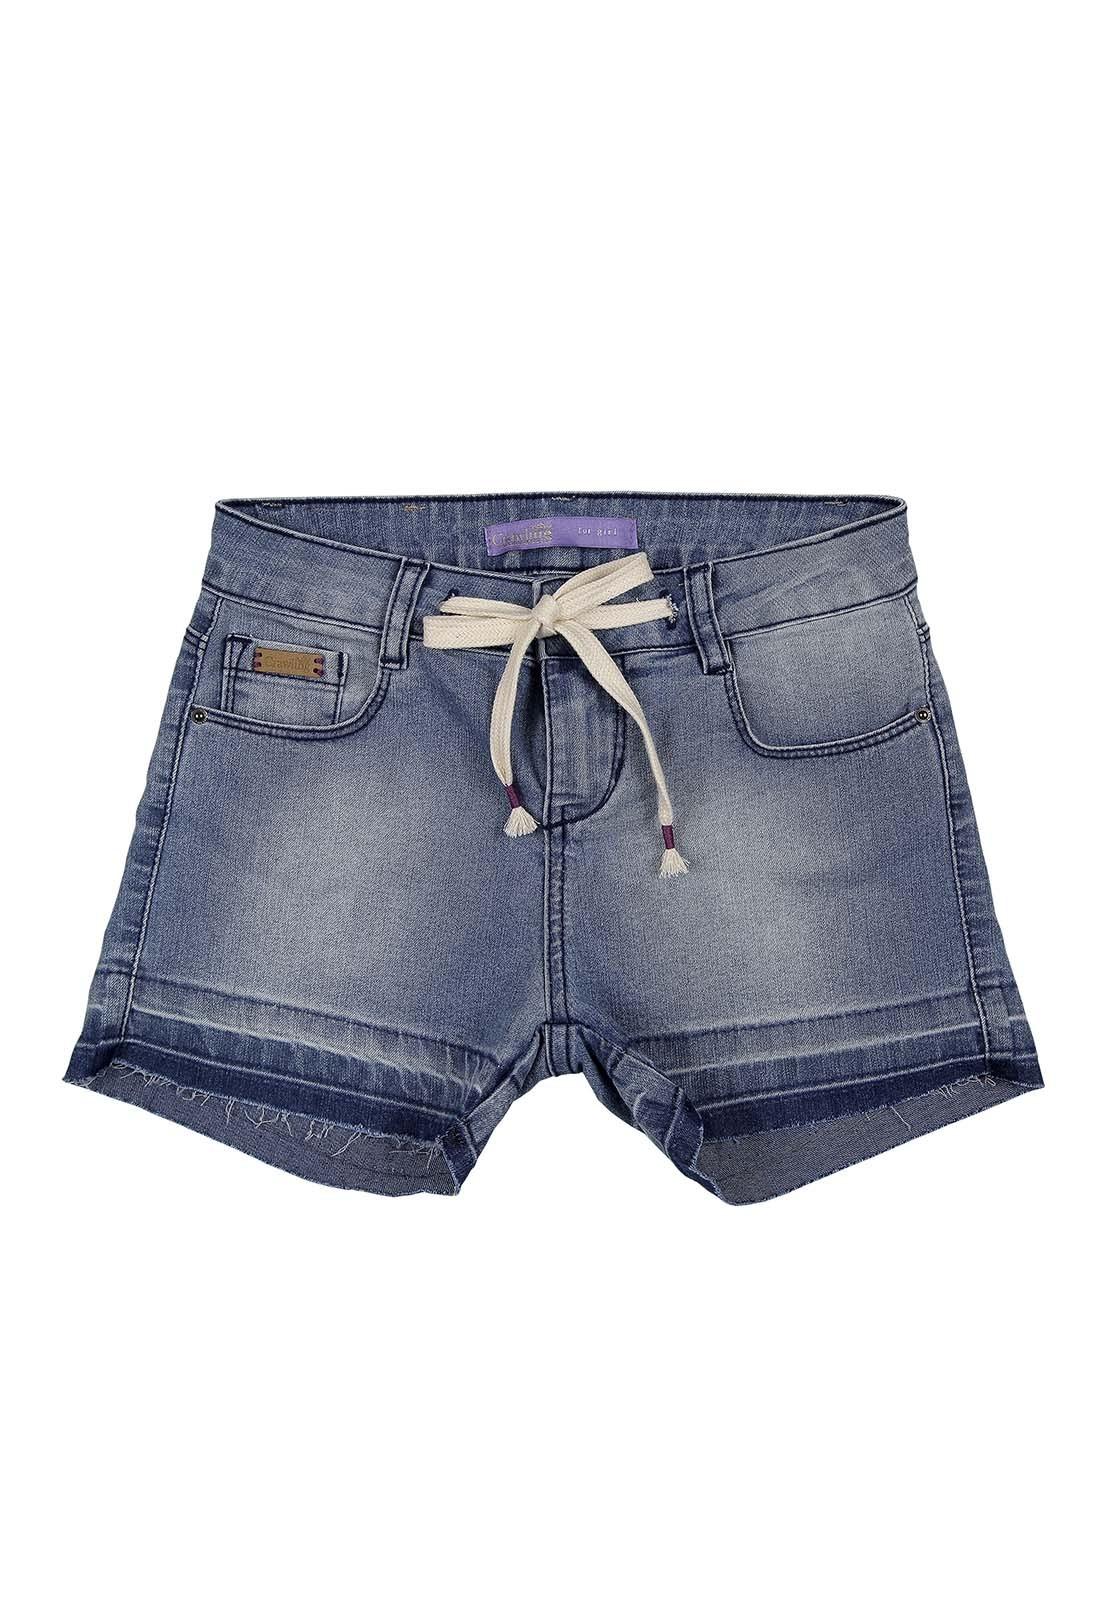 Short Jeans Feminino com Cordão